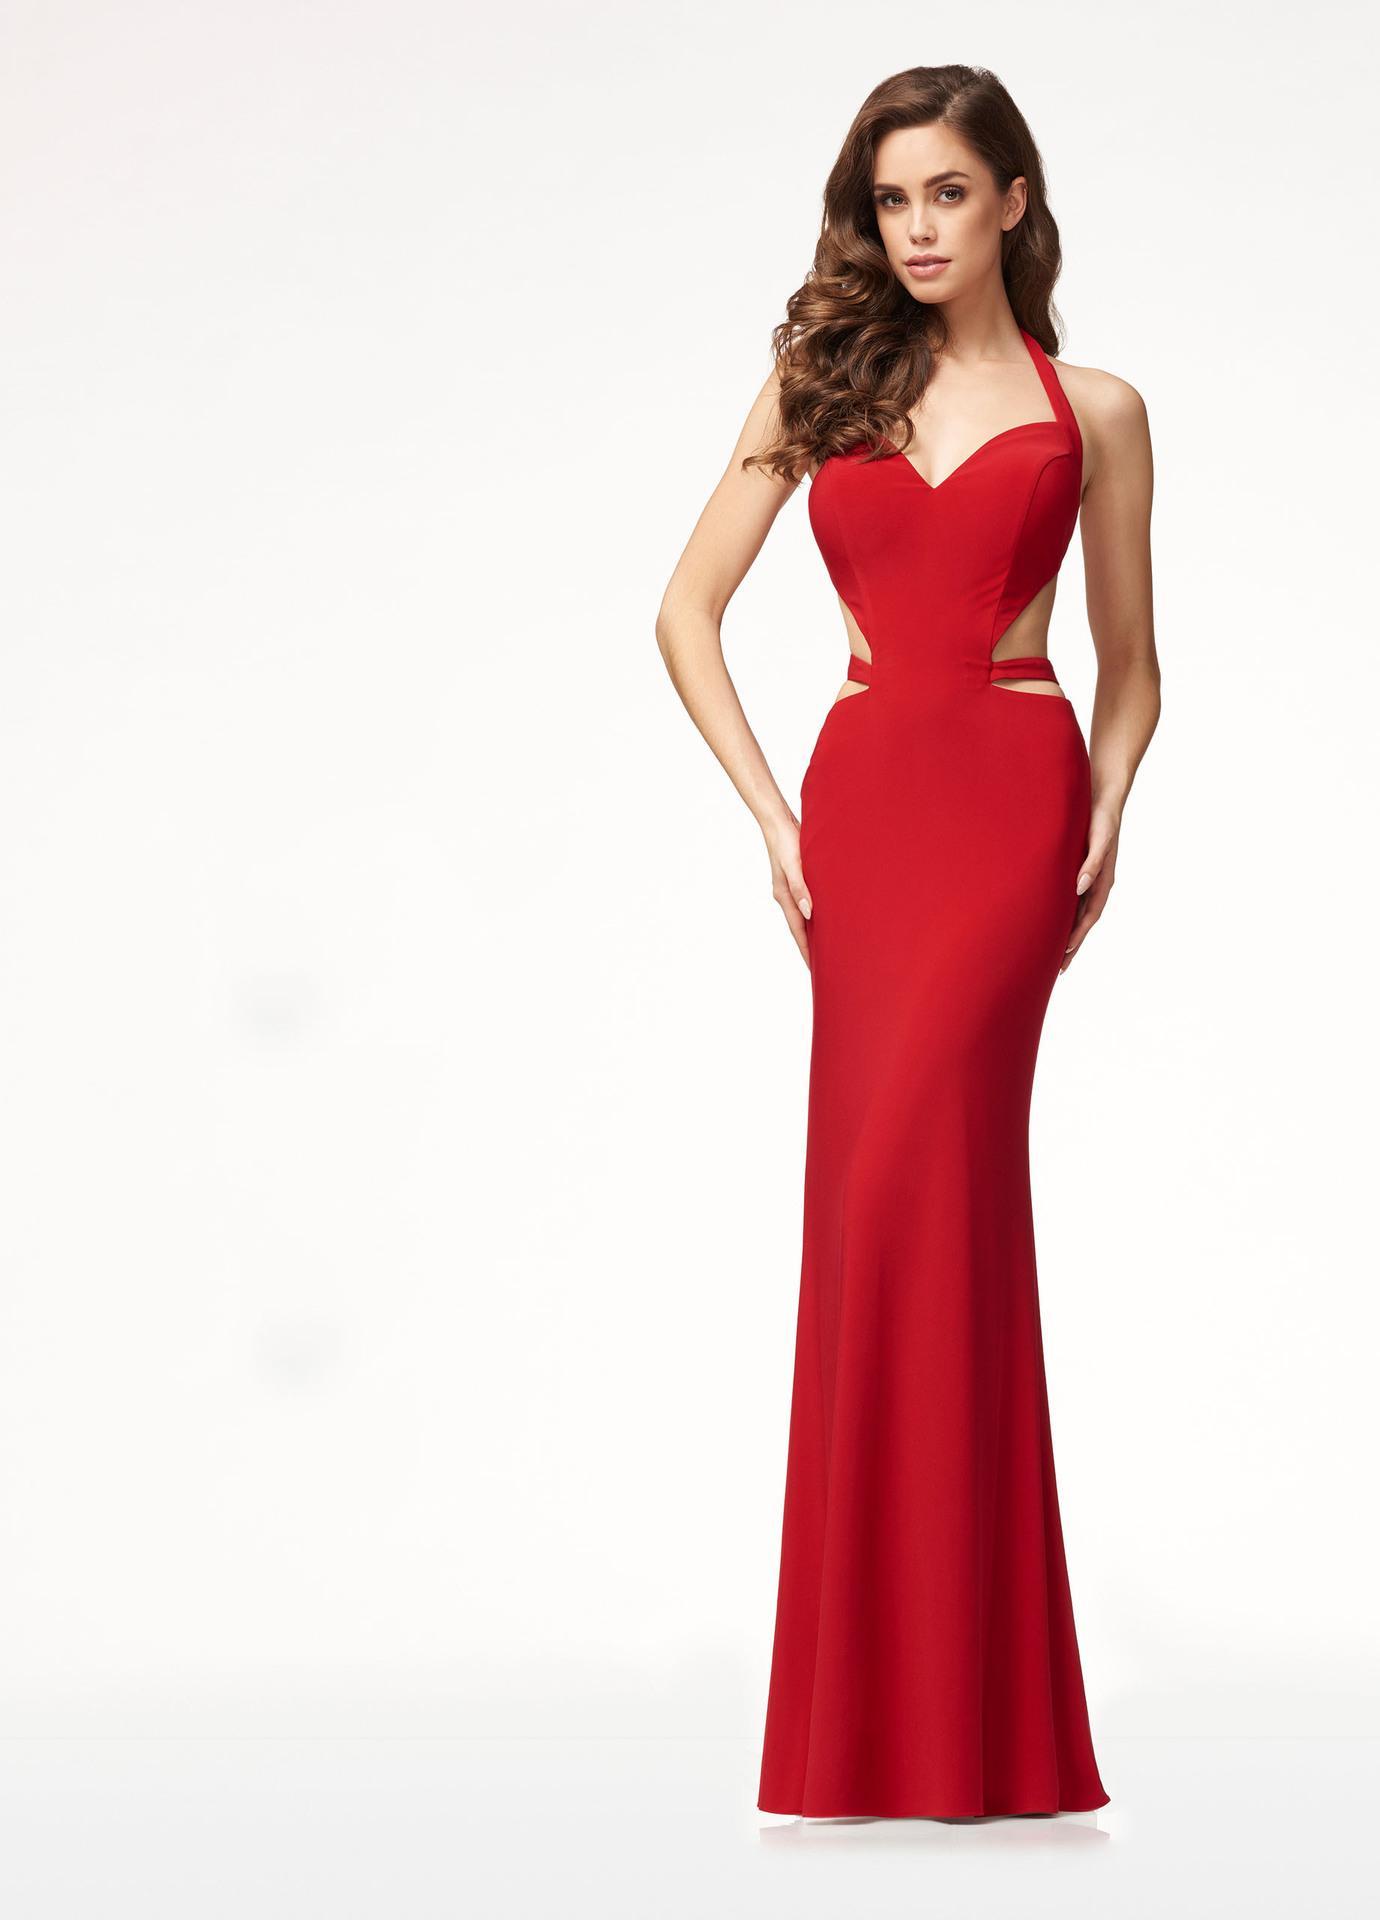 141639f1df7b7 Satın Al Seksi V Yaka Maxi Bandaj Elbise Kırmızı Renk Kadınlar 2018 Halter  Backless Kat Uzunluk Parti Elbiseler Zarif Ince Kulübü Vestidos, $17.08 |  DHgate.